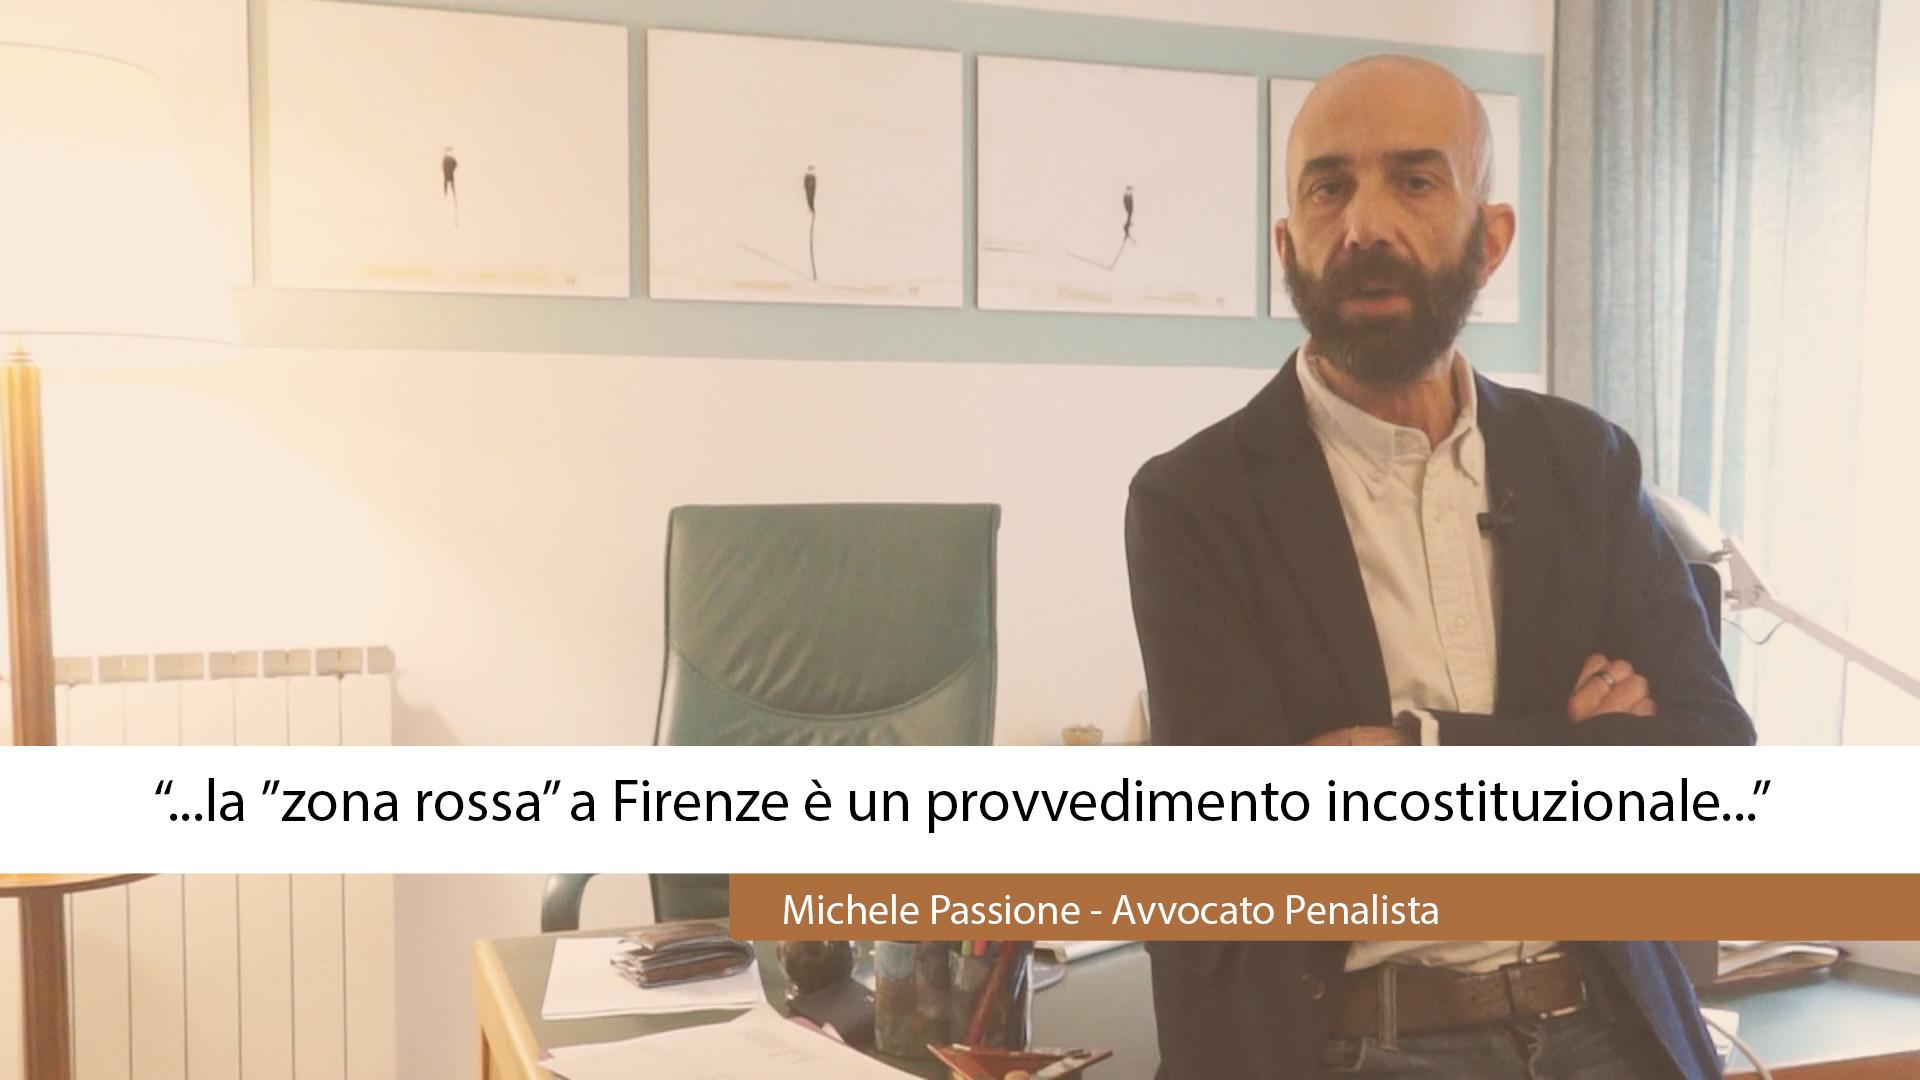 """""""ZONA ROSSA"""" A FIRENZE, INCOSTITUZIONALE?"""